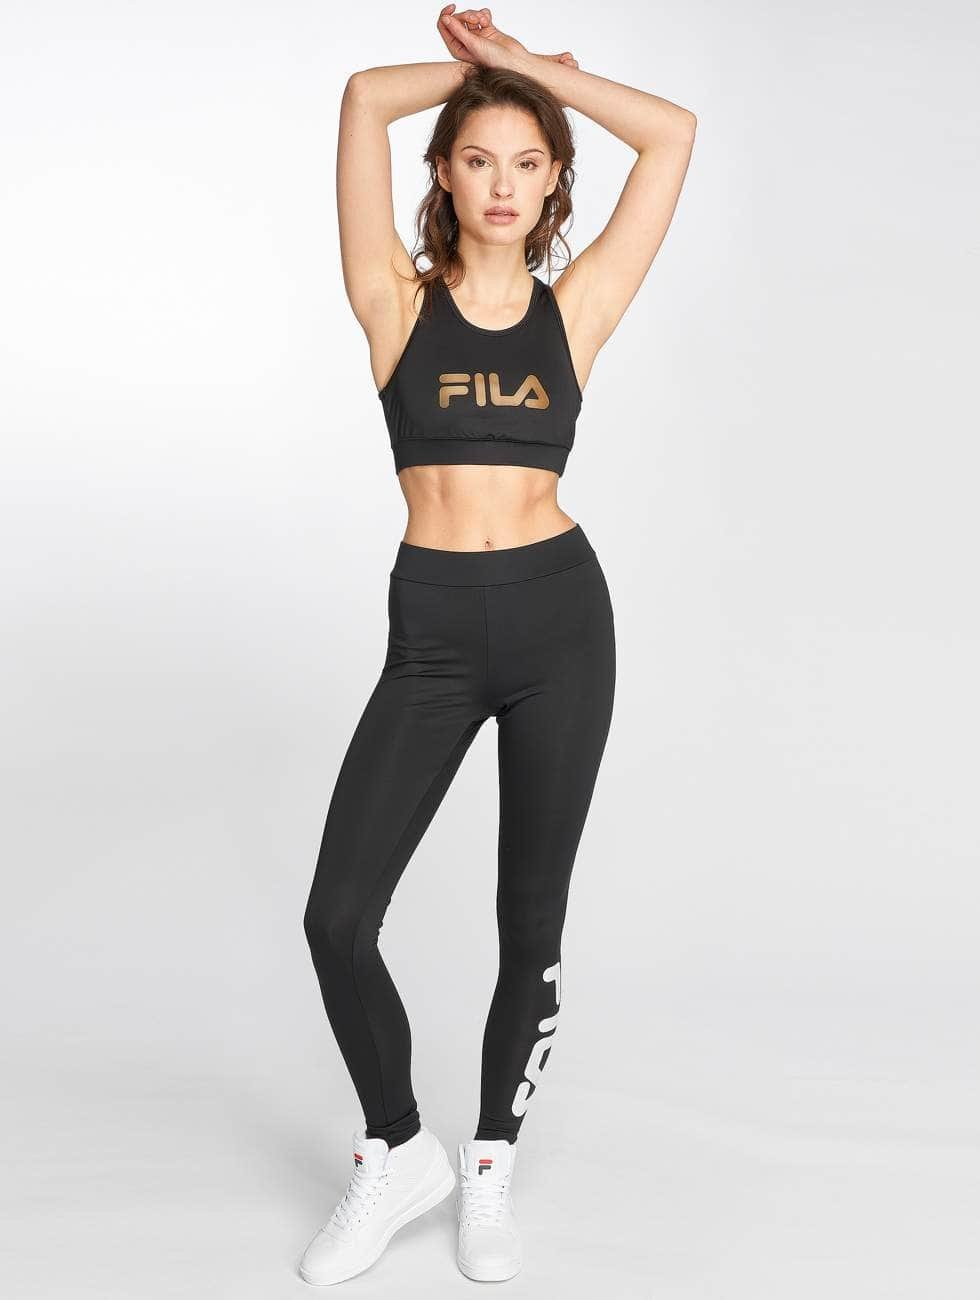 FILA Legging/Tregging Petite Flex 2.0 black